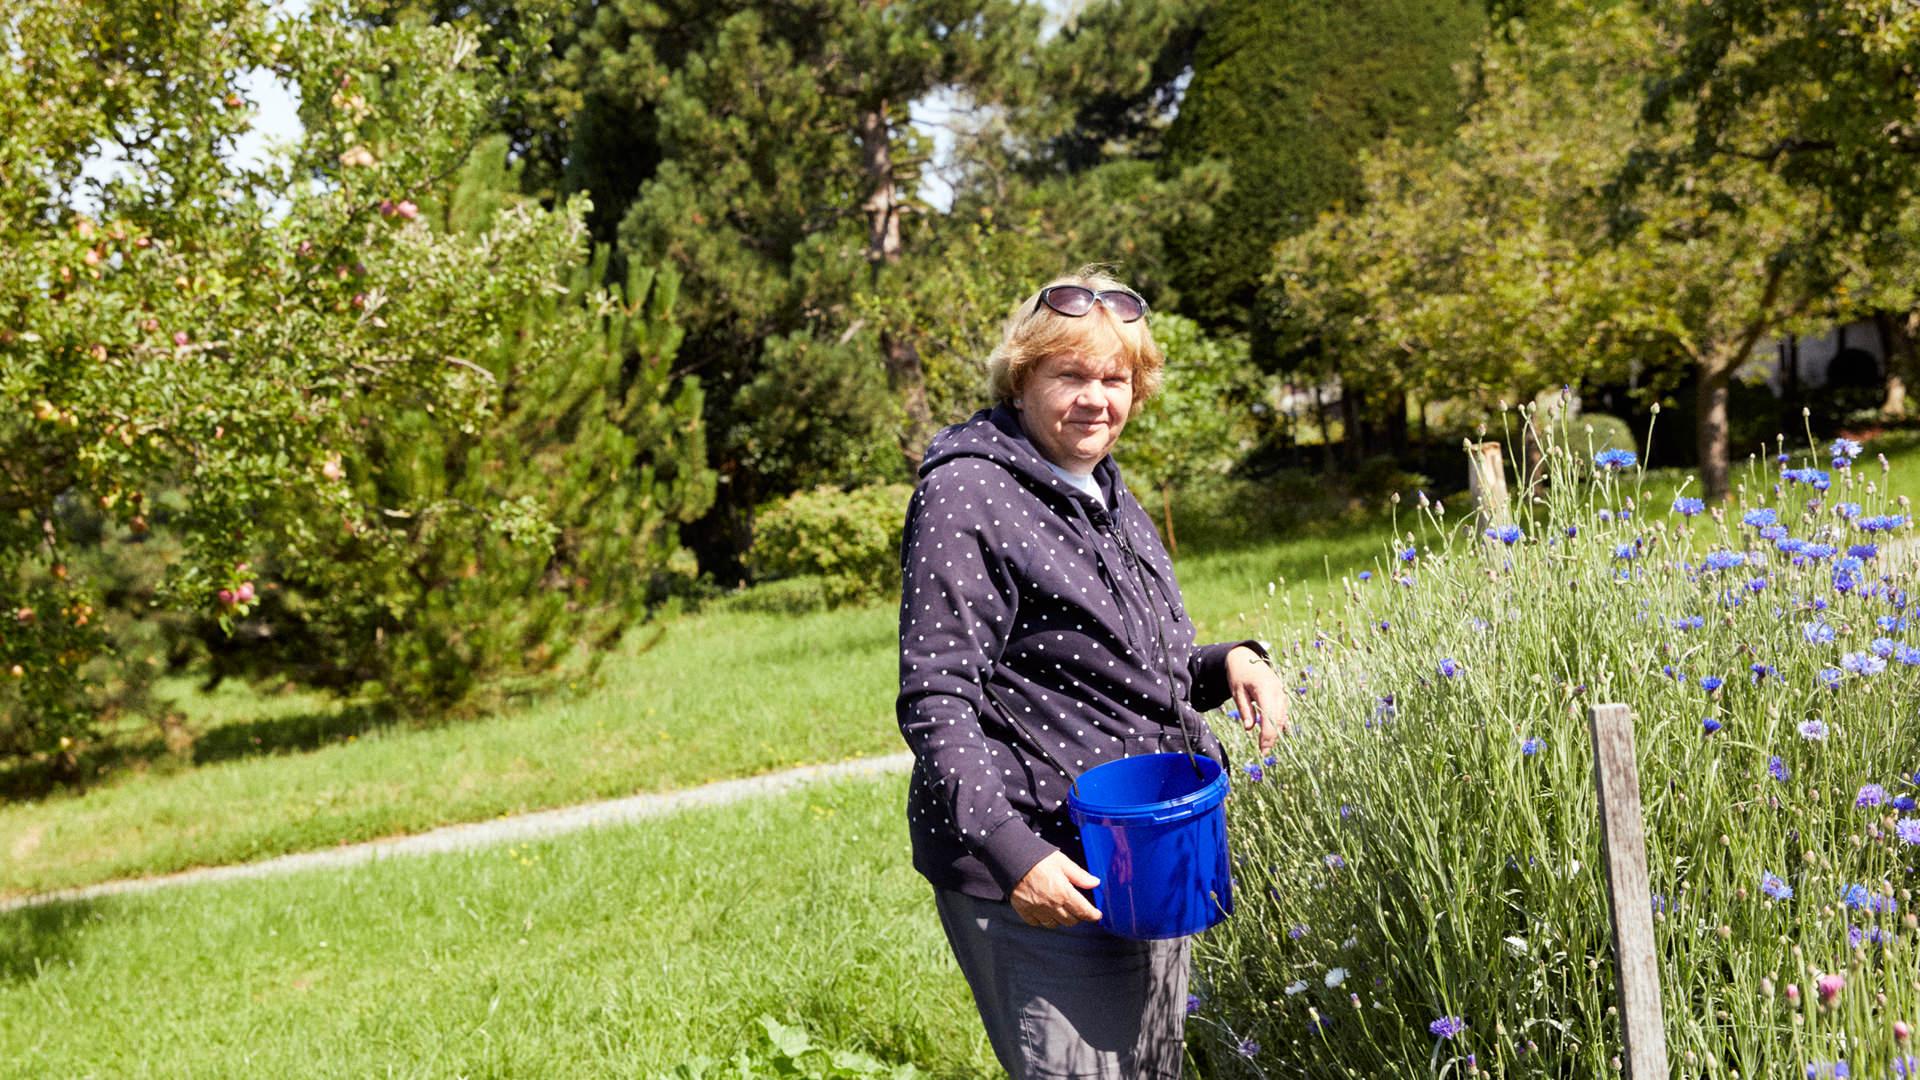 Frau sammelt blaue Blüten in einem Eimer.